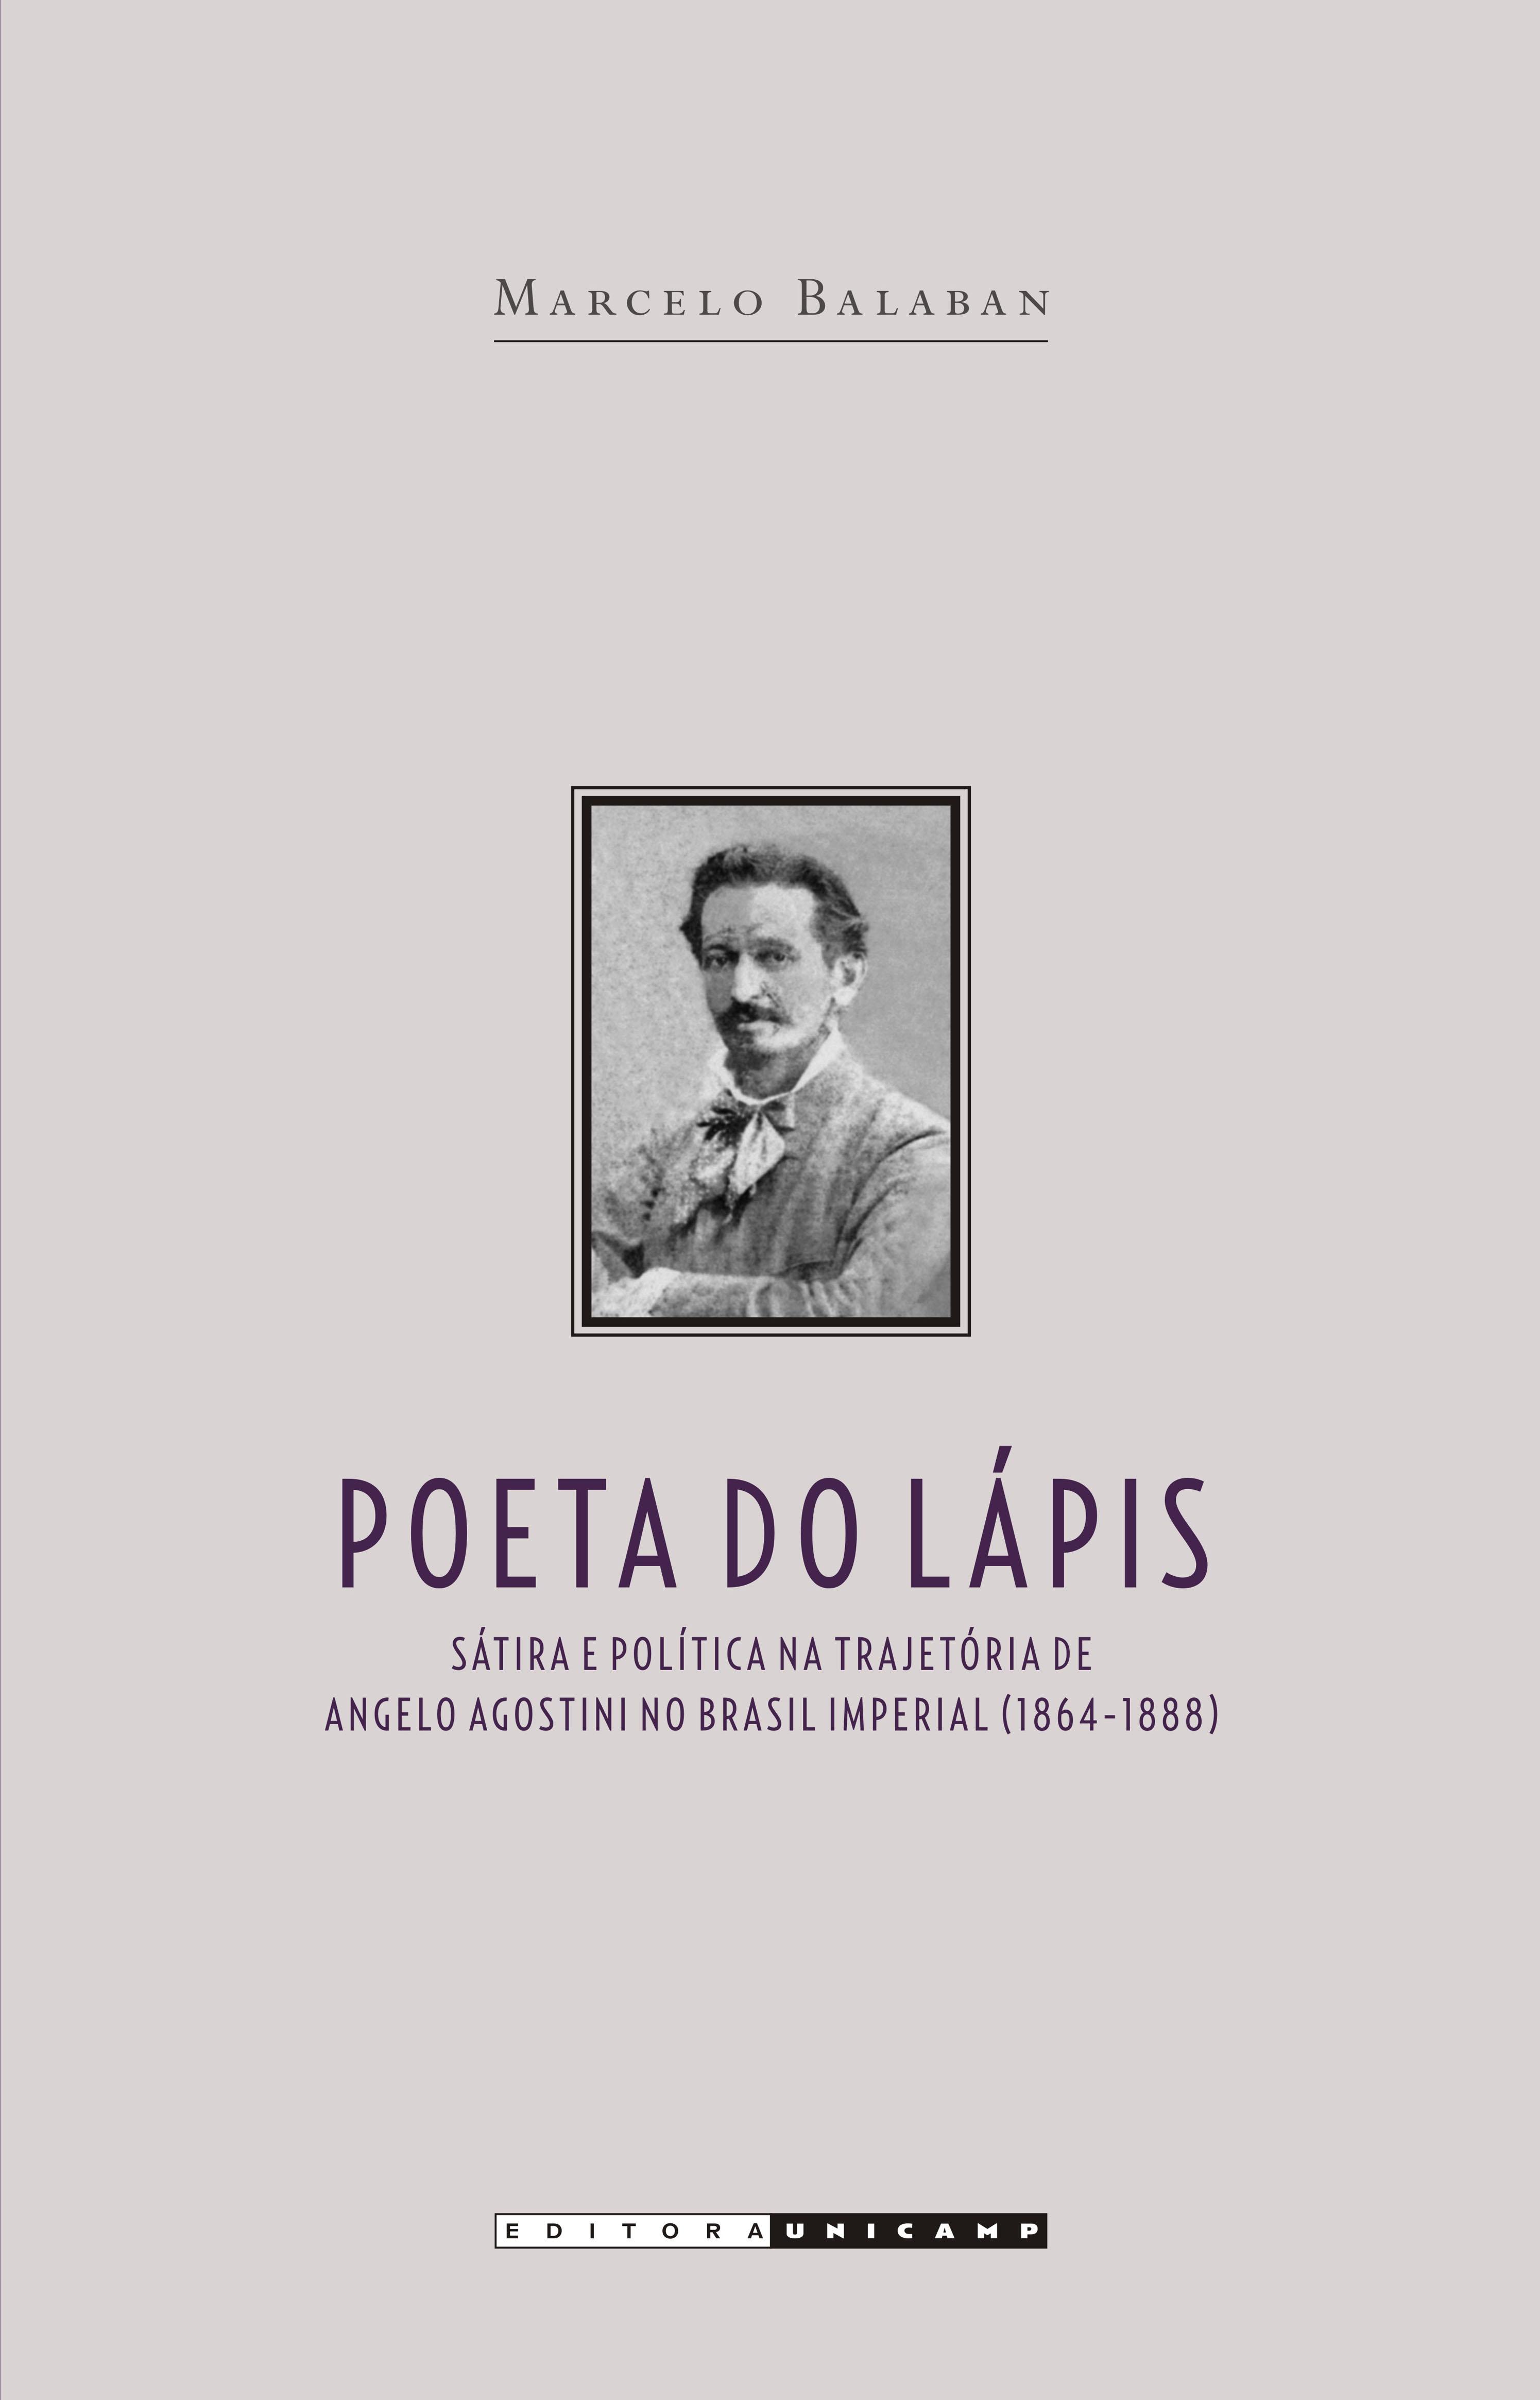 Poeta do Lápis - sátira e política na trajetória de Angelo Agostini no Brasil Imperial (1864-1888), livro de Marcelo Balaban